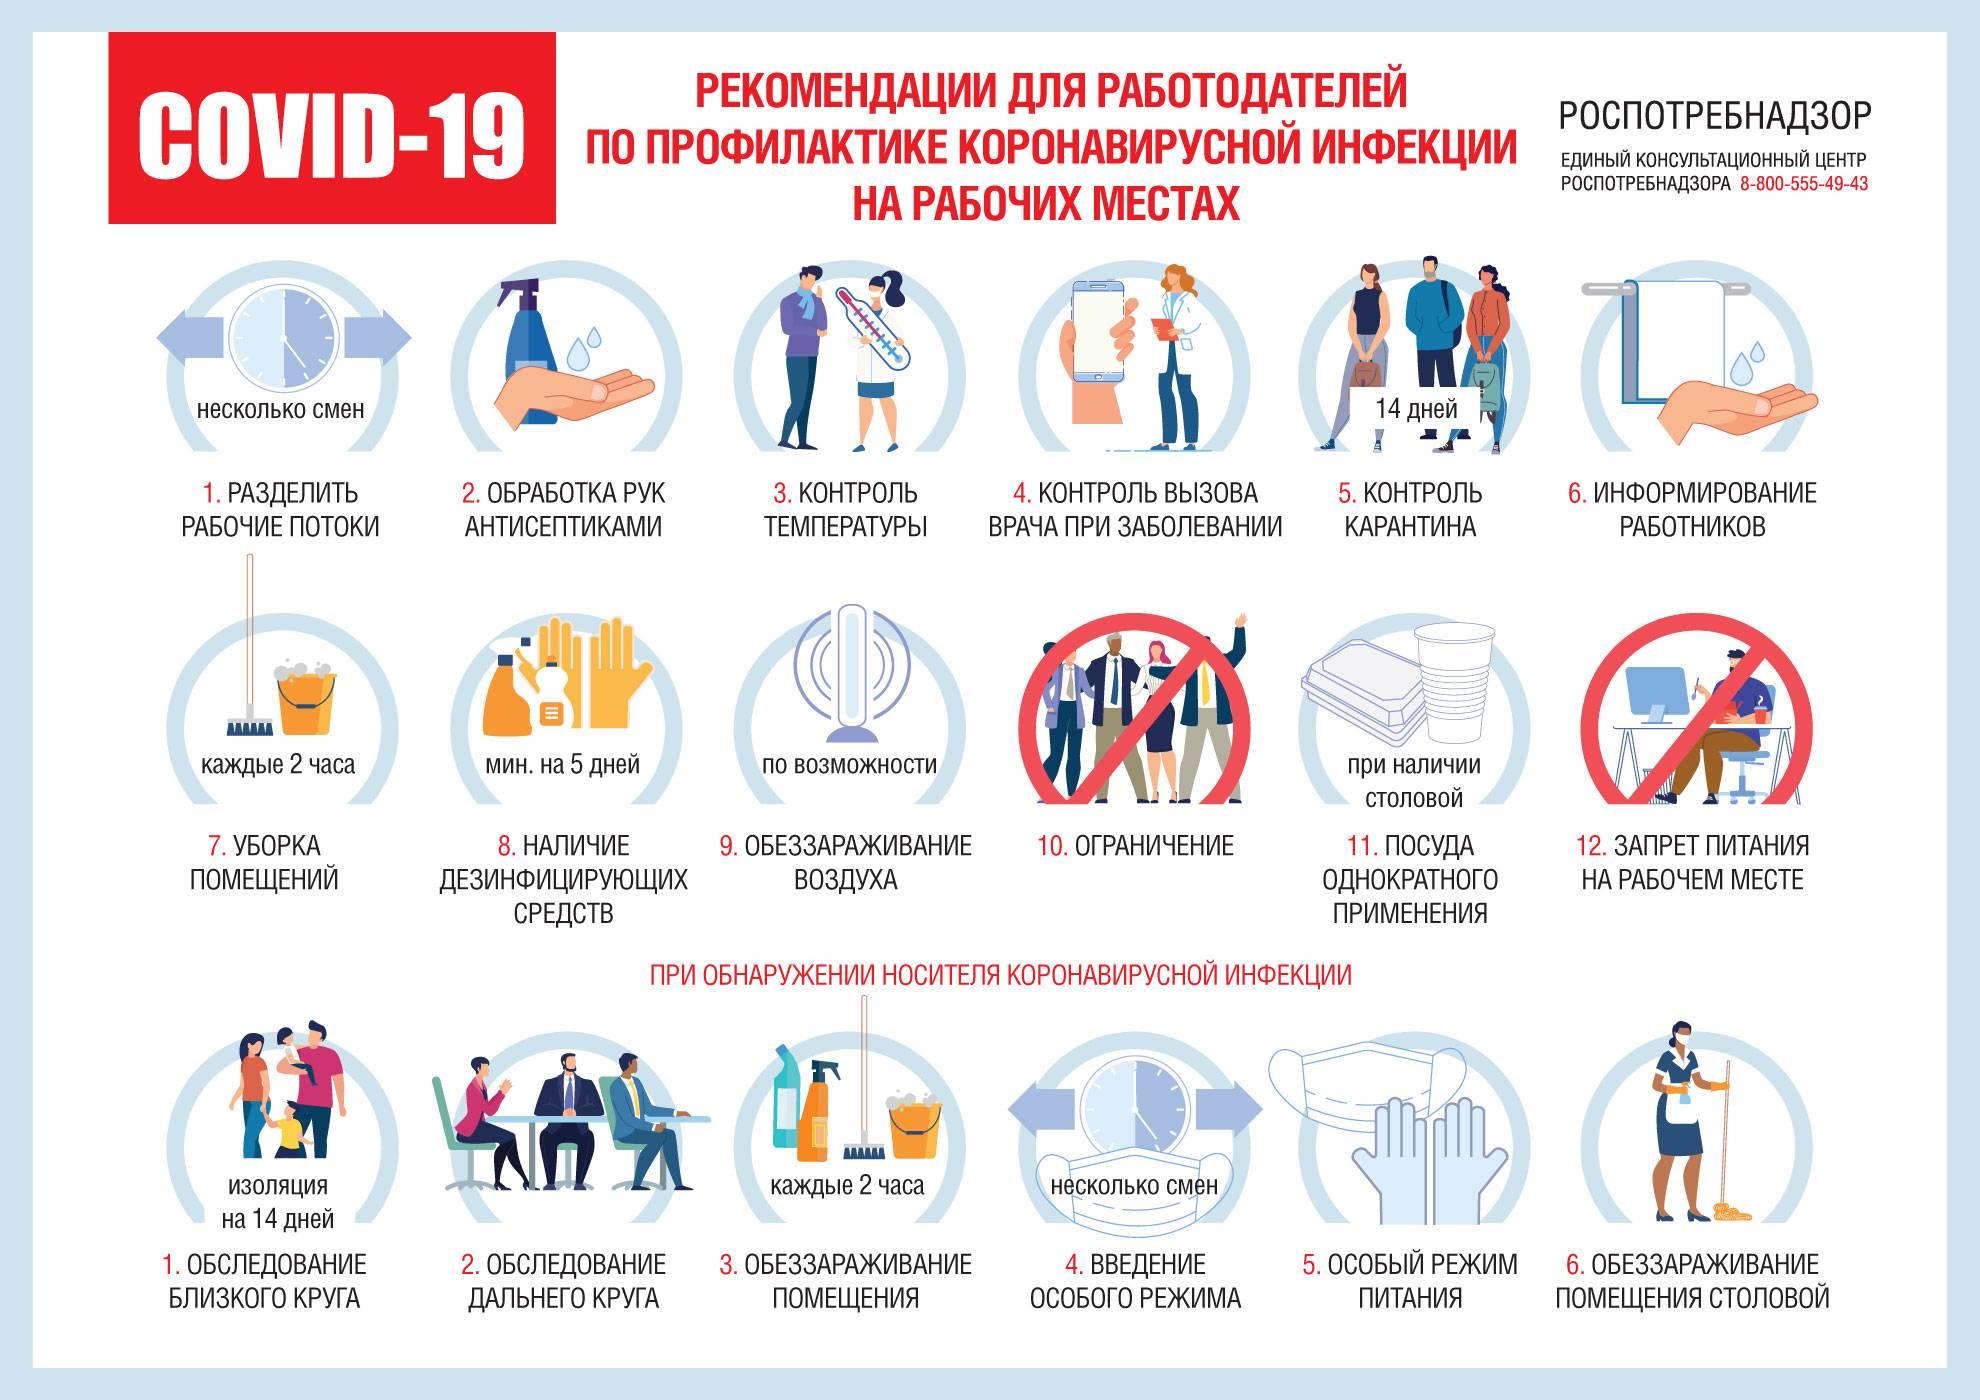 Рекомендации для работодателей по профилактике коронавируса